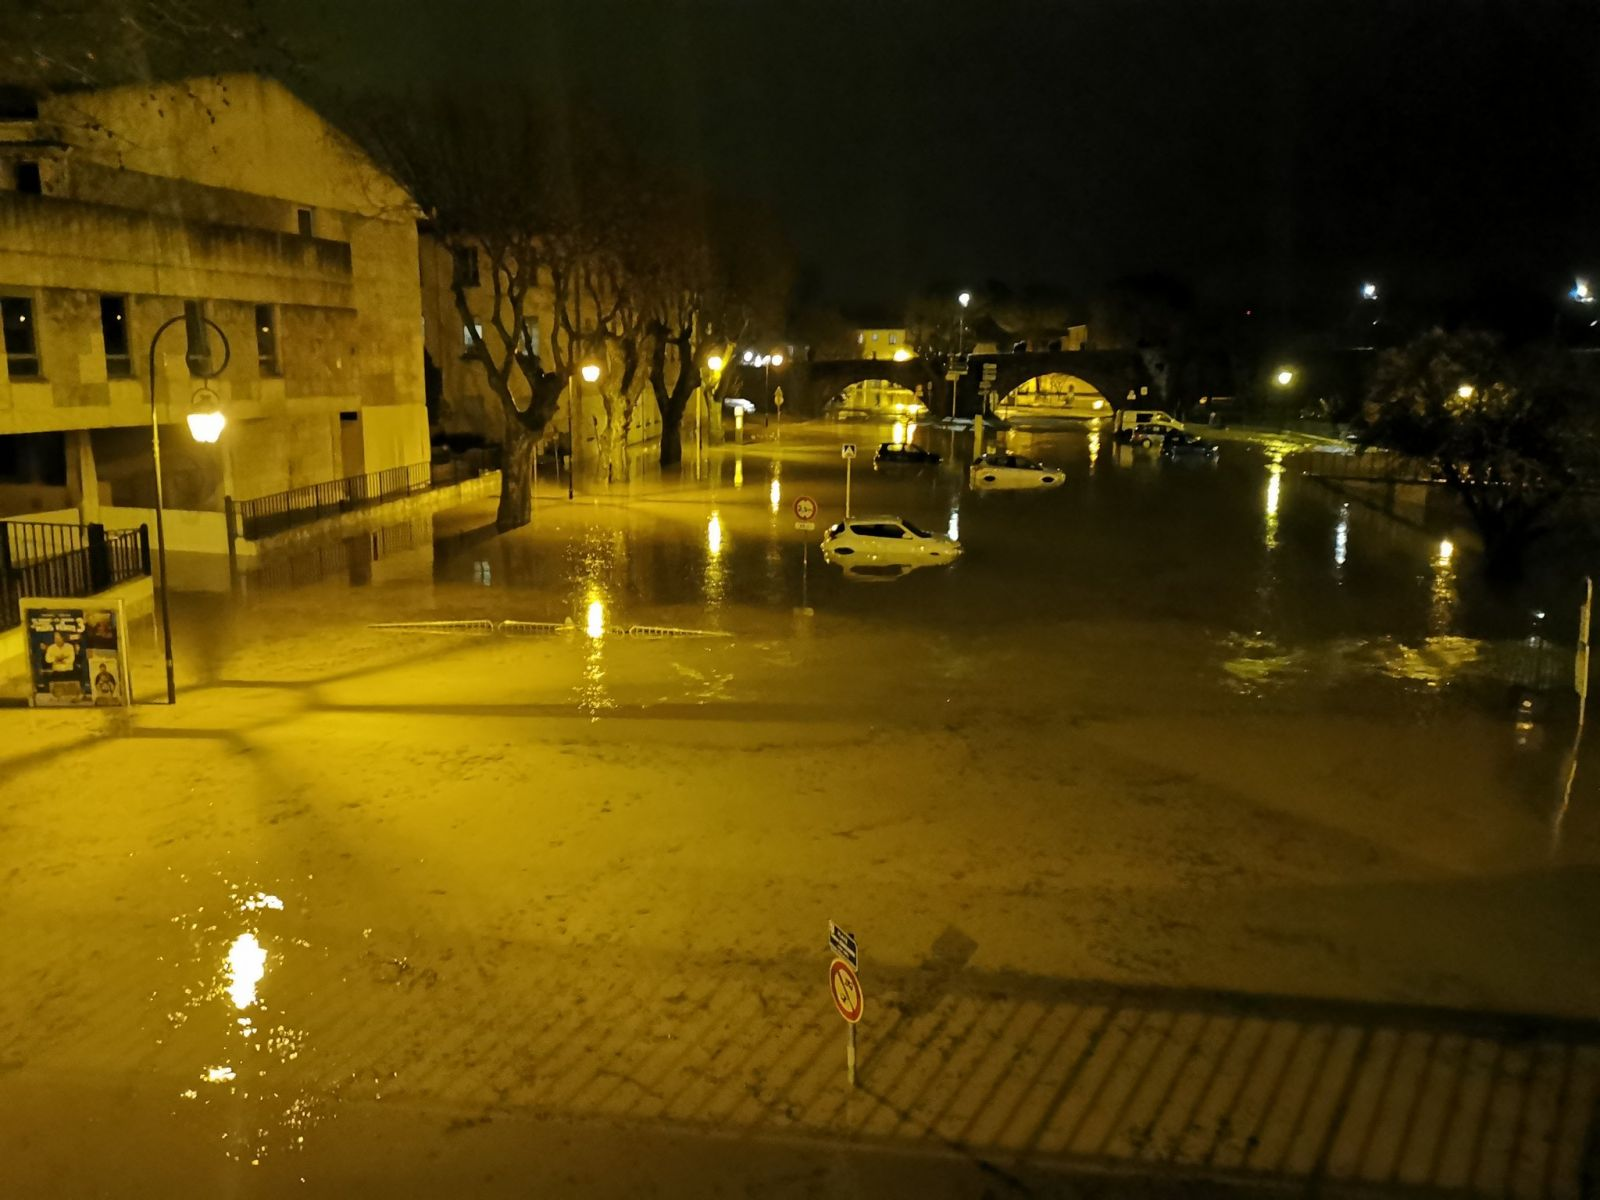 Image d'illustration pour L'Aiguat, un épisode pluvieux intense typique du Sud de la France